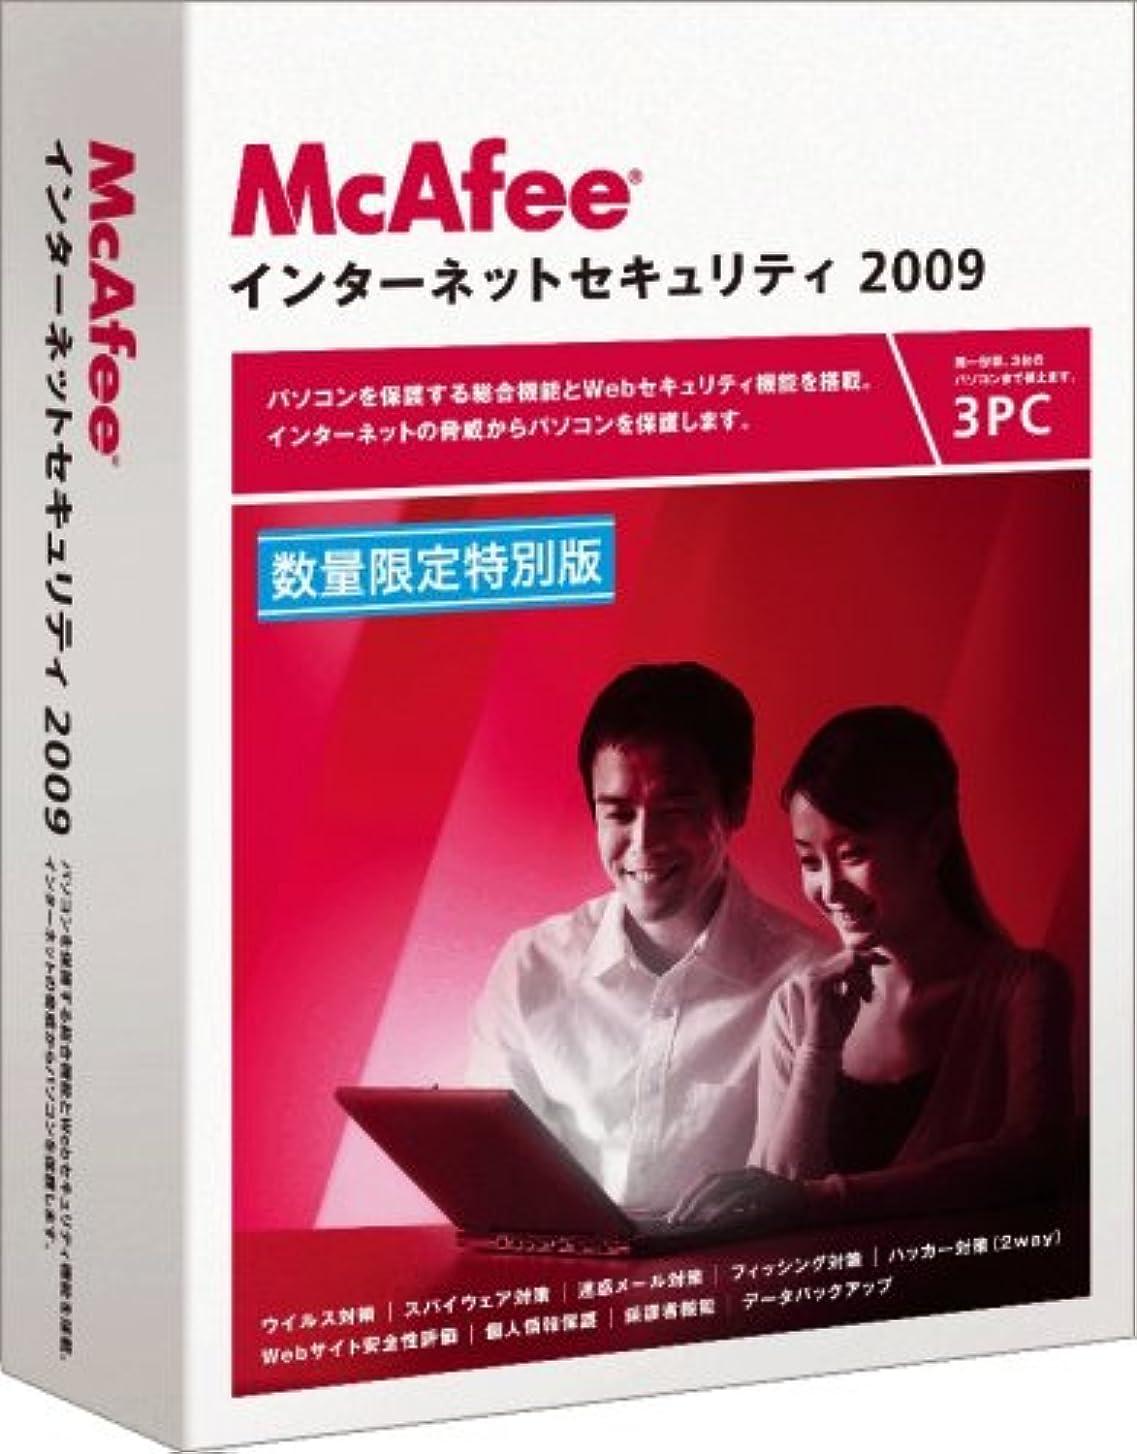 英語の授業がありますテラスシリングマカフィー インターネットセキュリティ 2009 3ユーザ 特別版